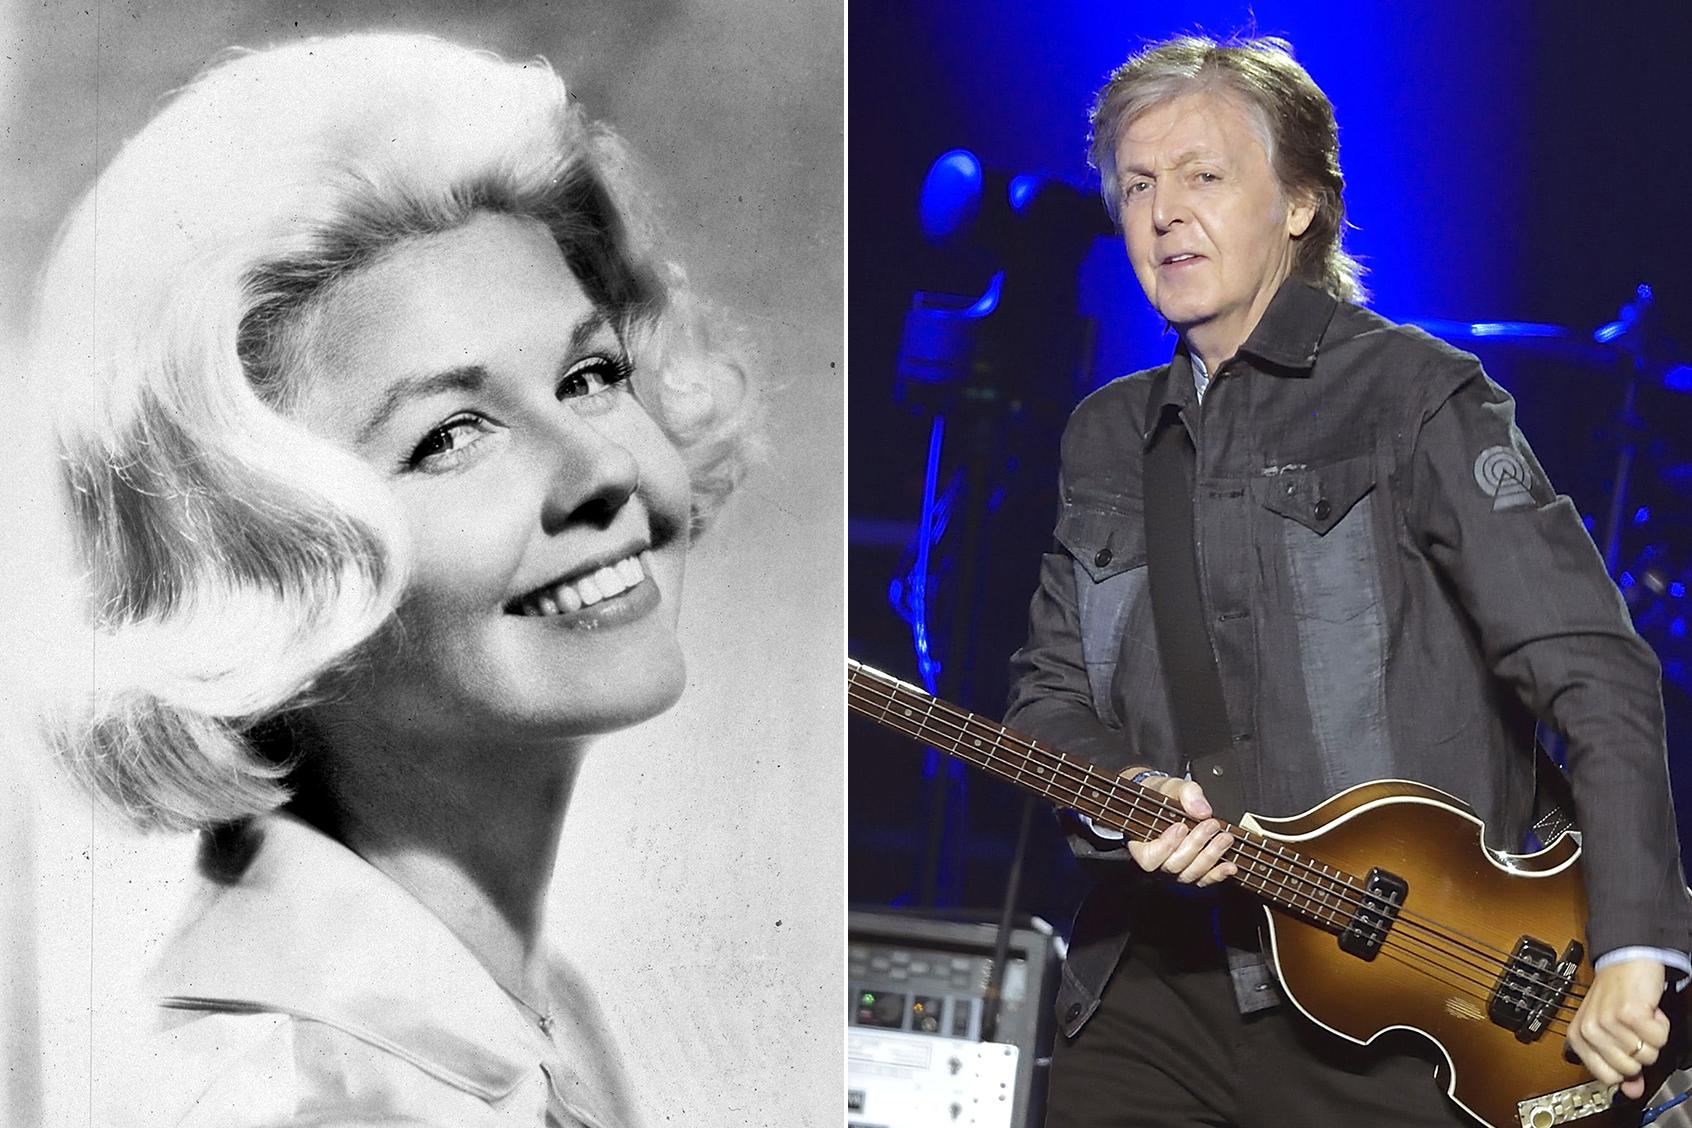 Paul McCartney on Doris Day: 'She Was a True Star' – Rolling